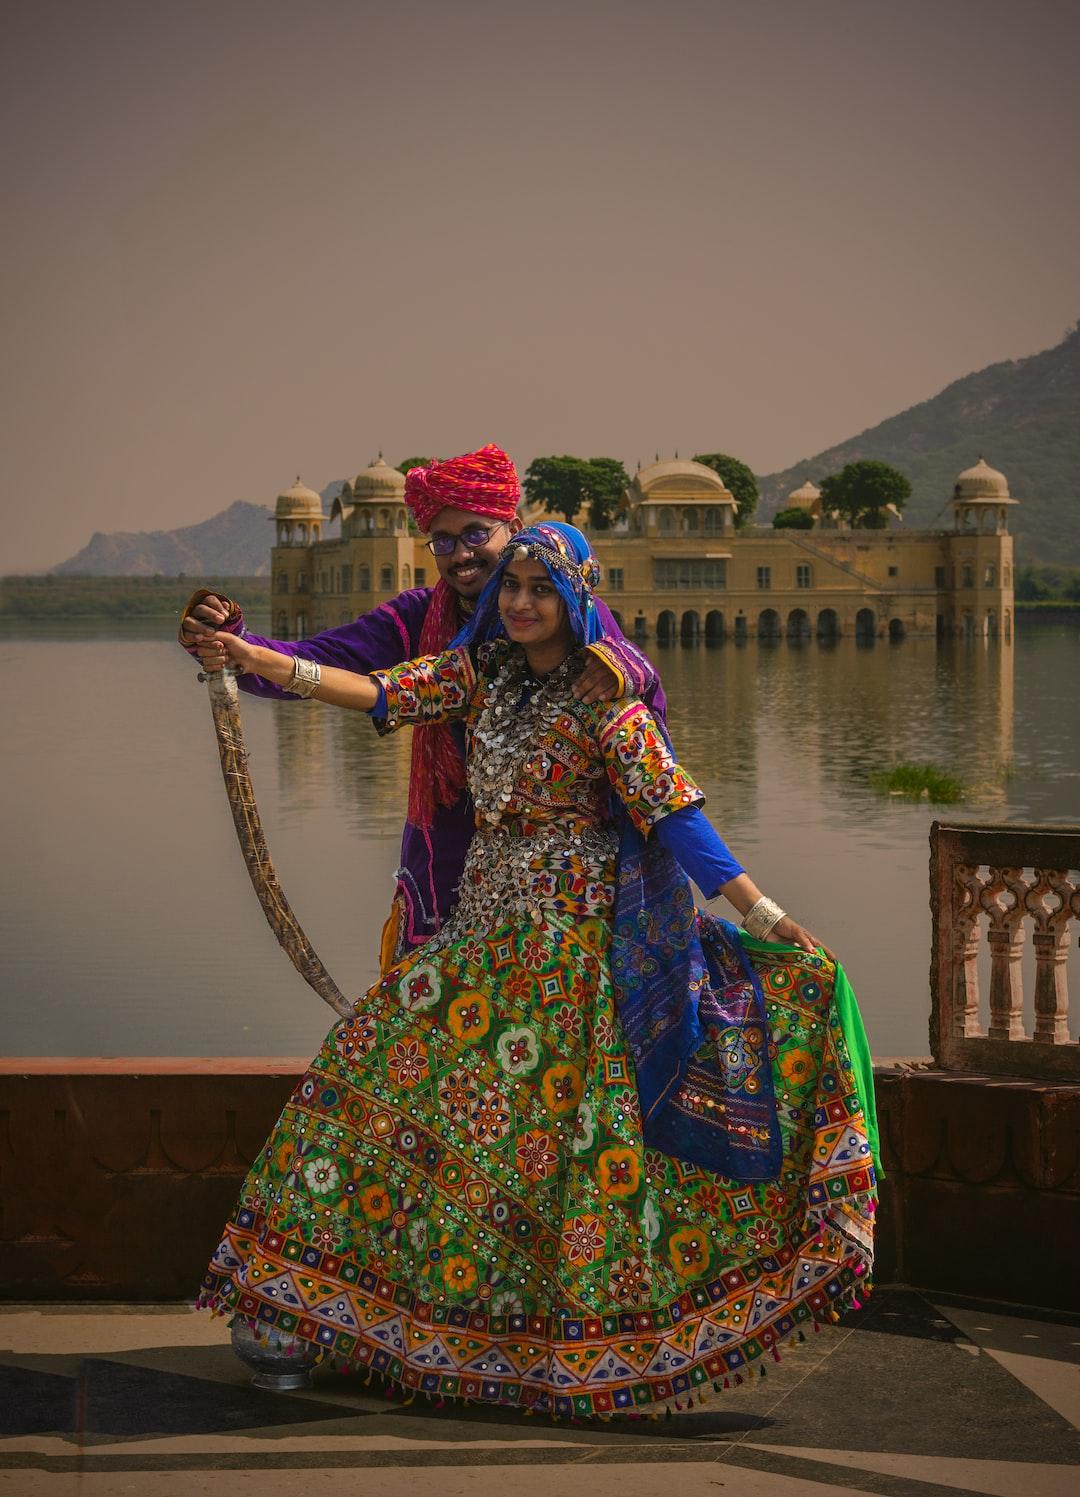 750+ Stunning Jaipur Rajasthan India Pictures | Download